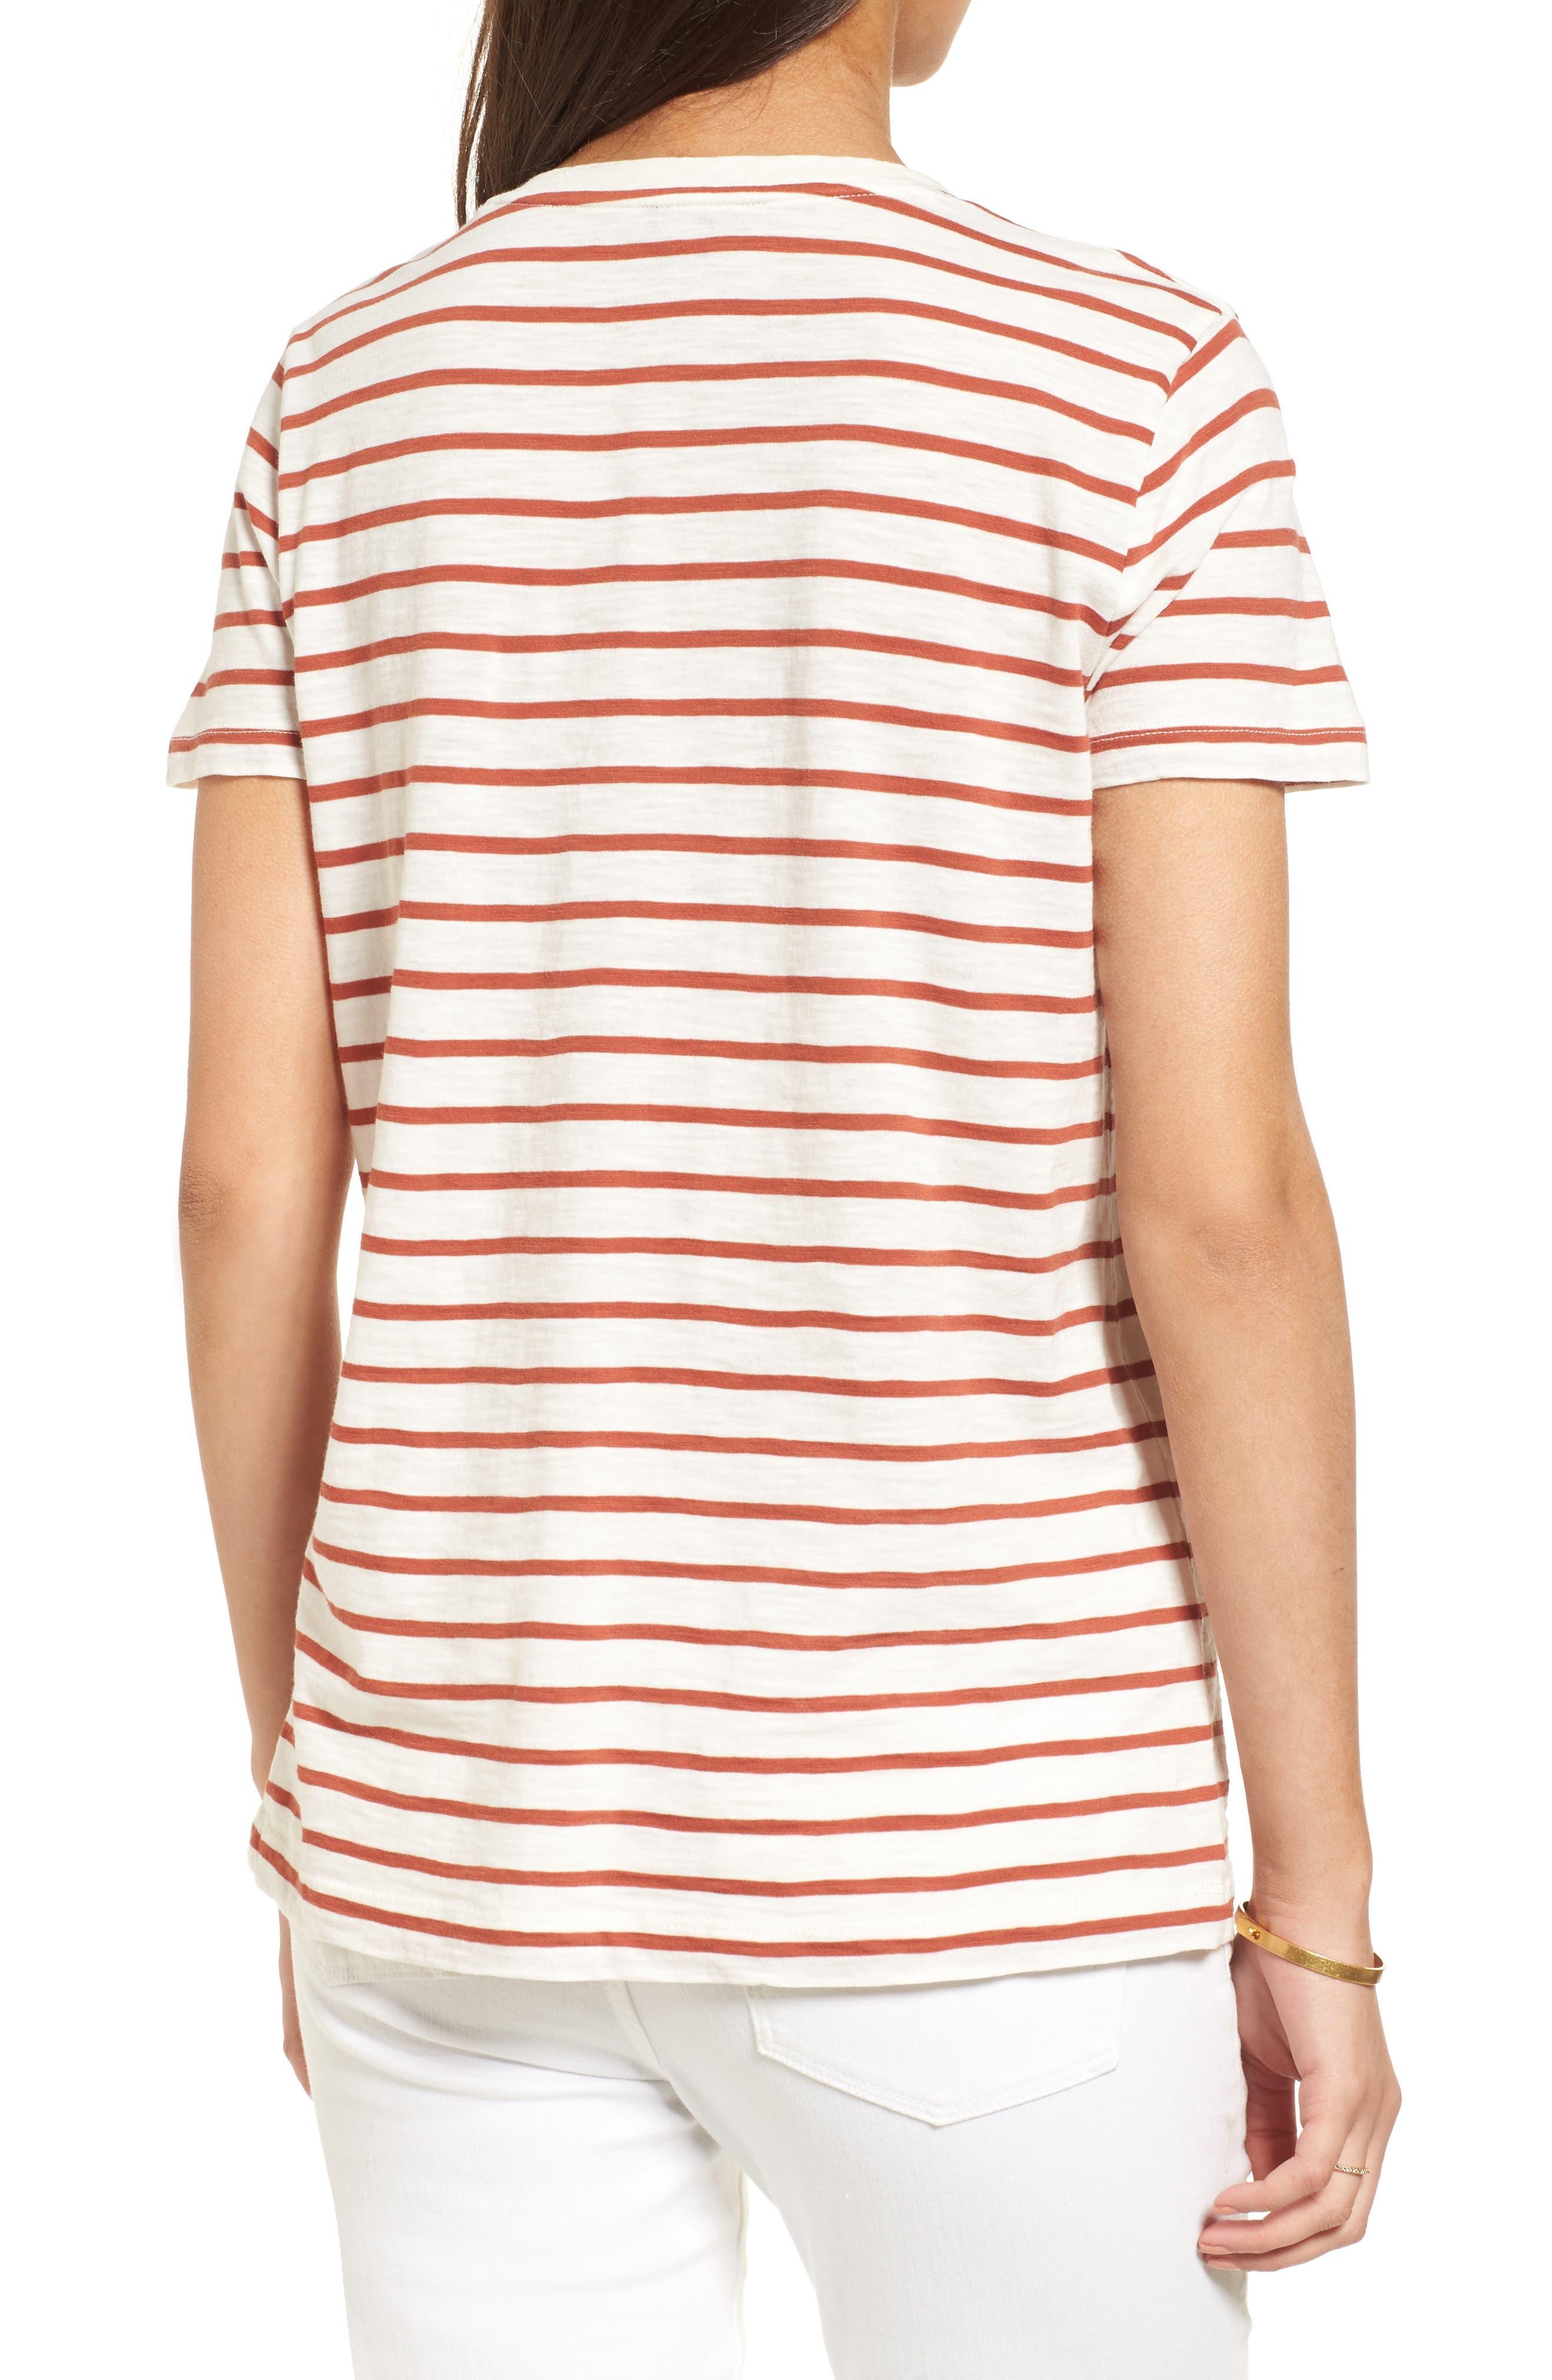 Alternate Image 2  - Madewell Whisper Cotton Stripe V-Neck Tee